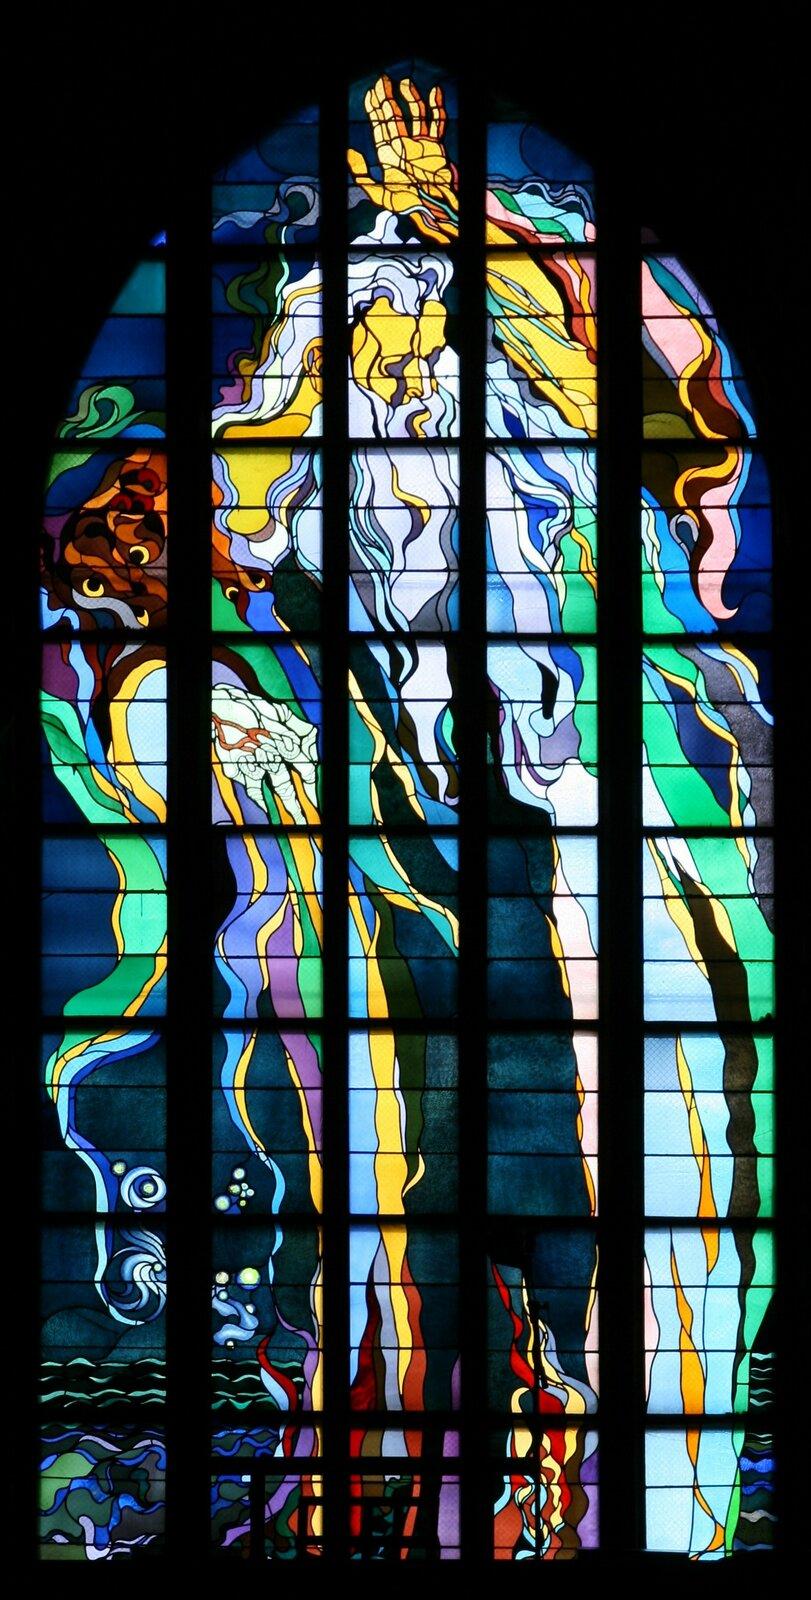 Stań się! (Bóg Ojciec) Źródło: Stanisław Wyspiański, Stań się! (Bóg Ojciec), 1897–1900, witraż, kościół św. Franciszka, Kraków, domena publiczna.